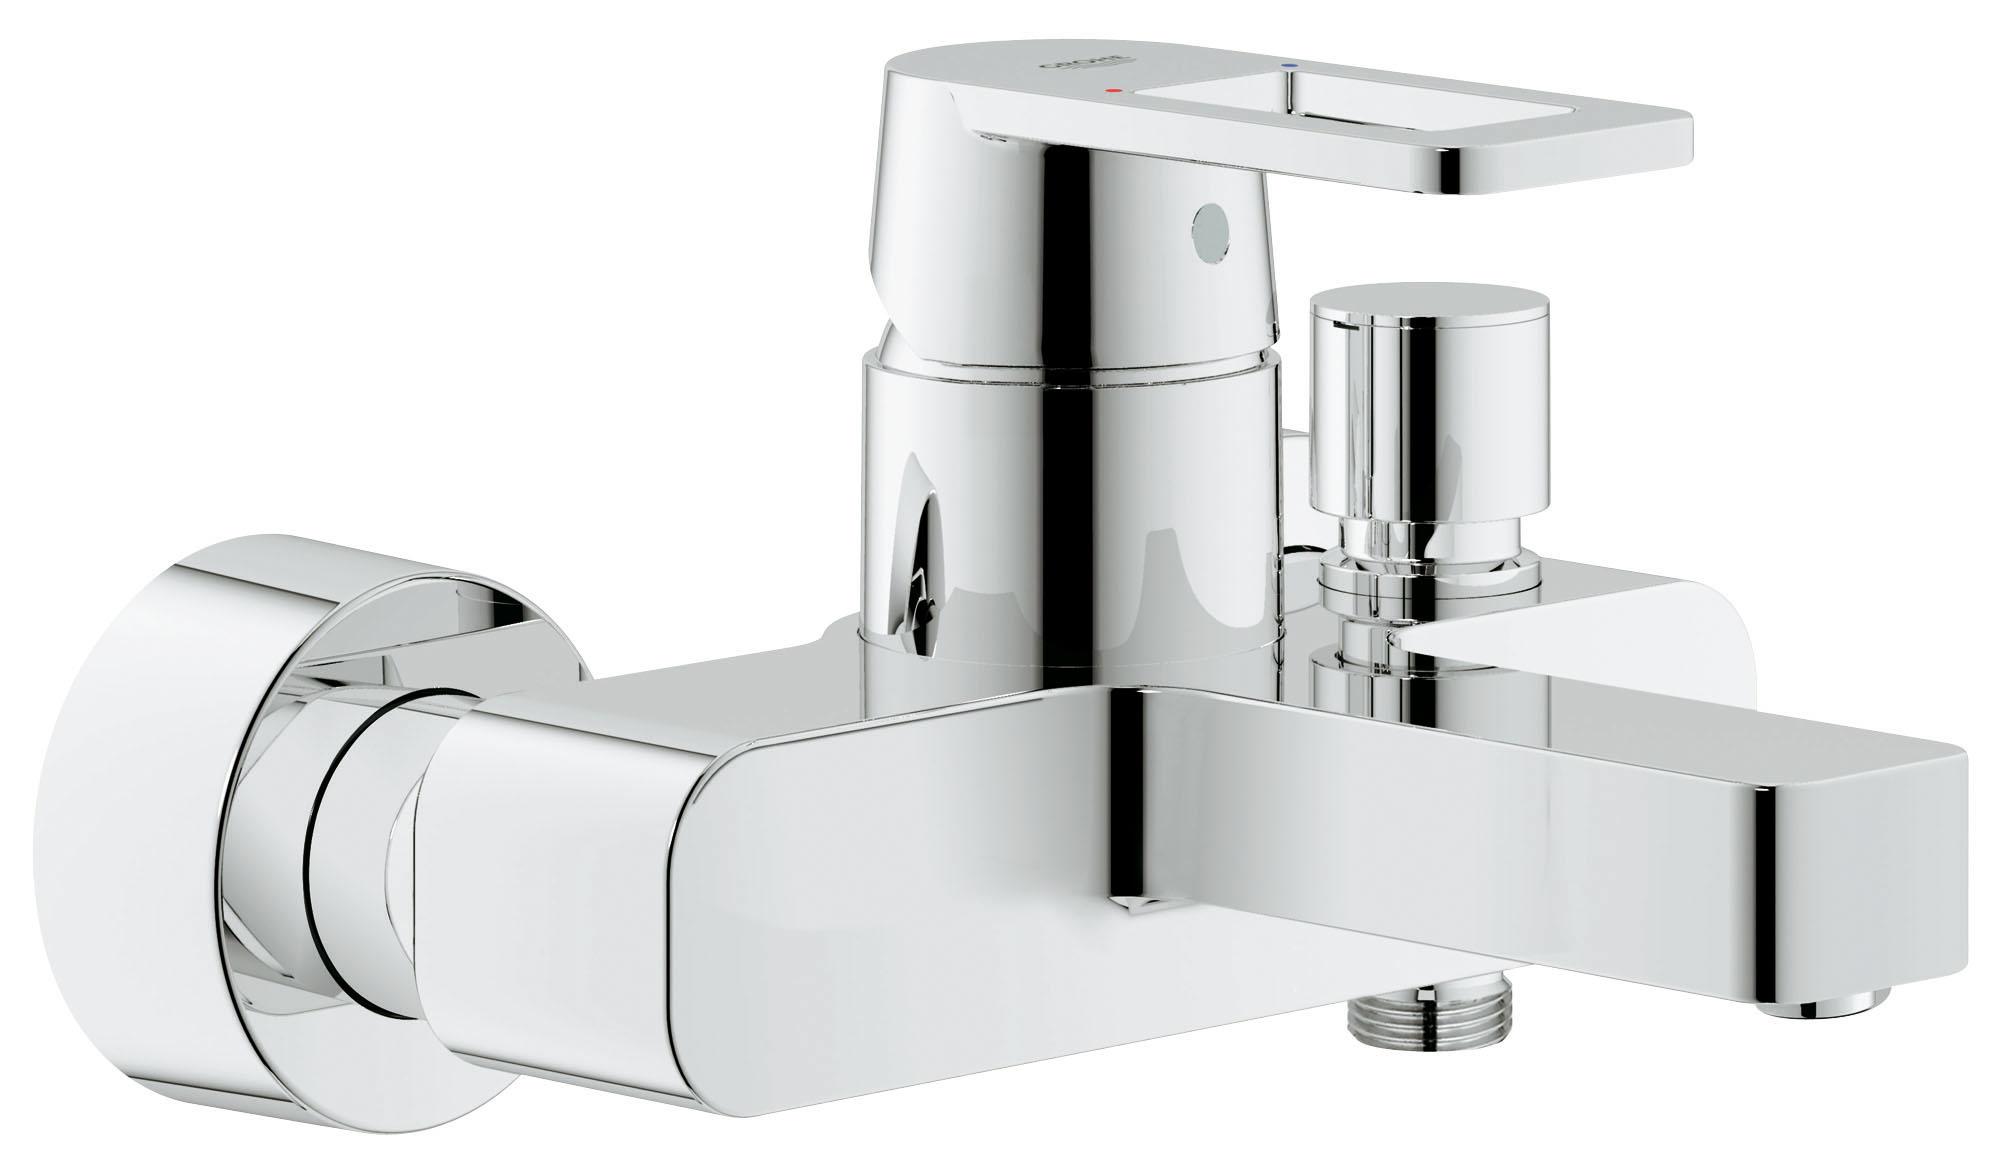 Смеситель для ванны GROHE Quadra (32638000)68/5/1Настенный монтаж GROHE SilkMove керамический картридж O 46 мм GROHE StarLight хромированная поверхностьРегулировка расхода воды Автоматический переключатель: ванна/душ Аэратор Отвод для душа снизу 1/2? со встроенным обратным клапаном Скрытые S-образные эксцентрики С защитой от обратного потокаВидео по установке является исключительно информационным. Установка должна проводиться профессионалами! хром.